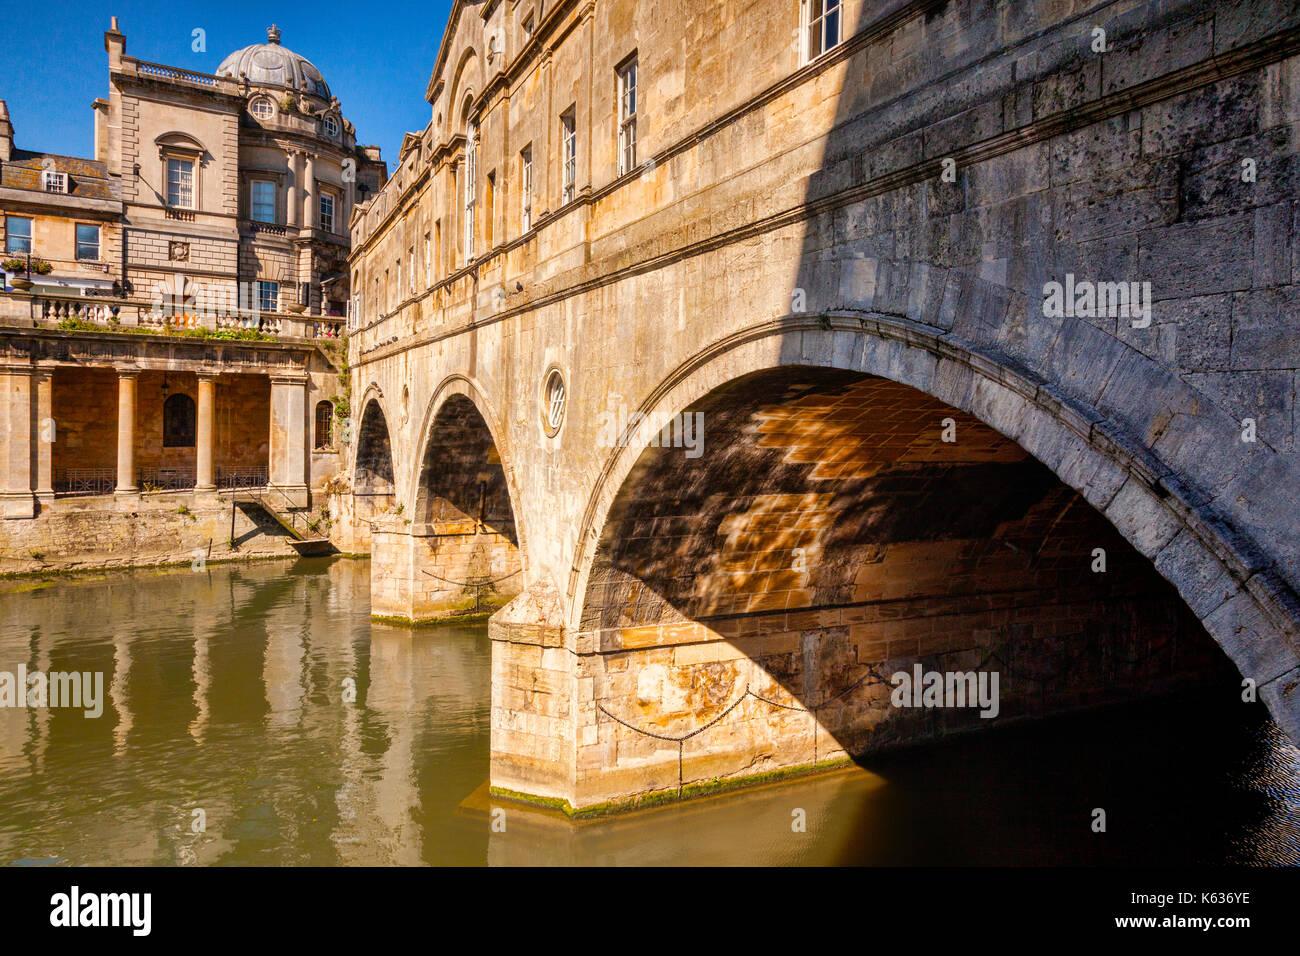 Eine der berühmtesten Sehenswürdigkeiten von Bath, die Pulteney Bridge von Robert Adams, über den Fluss Avon. Badewanne, Somerset, England, UK. Stockbild